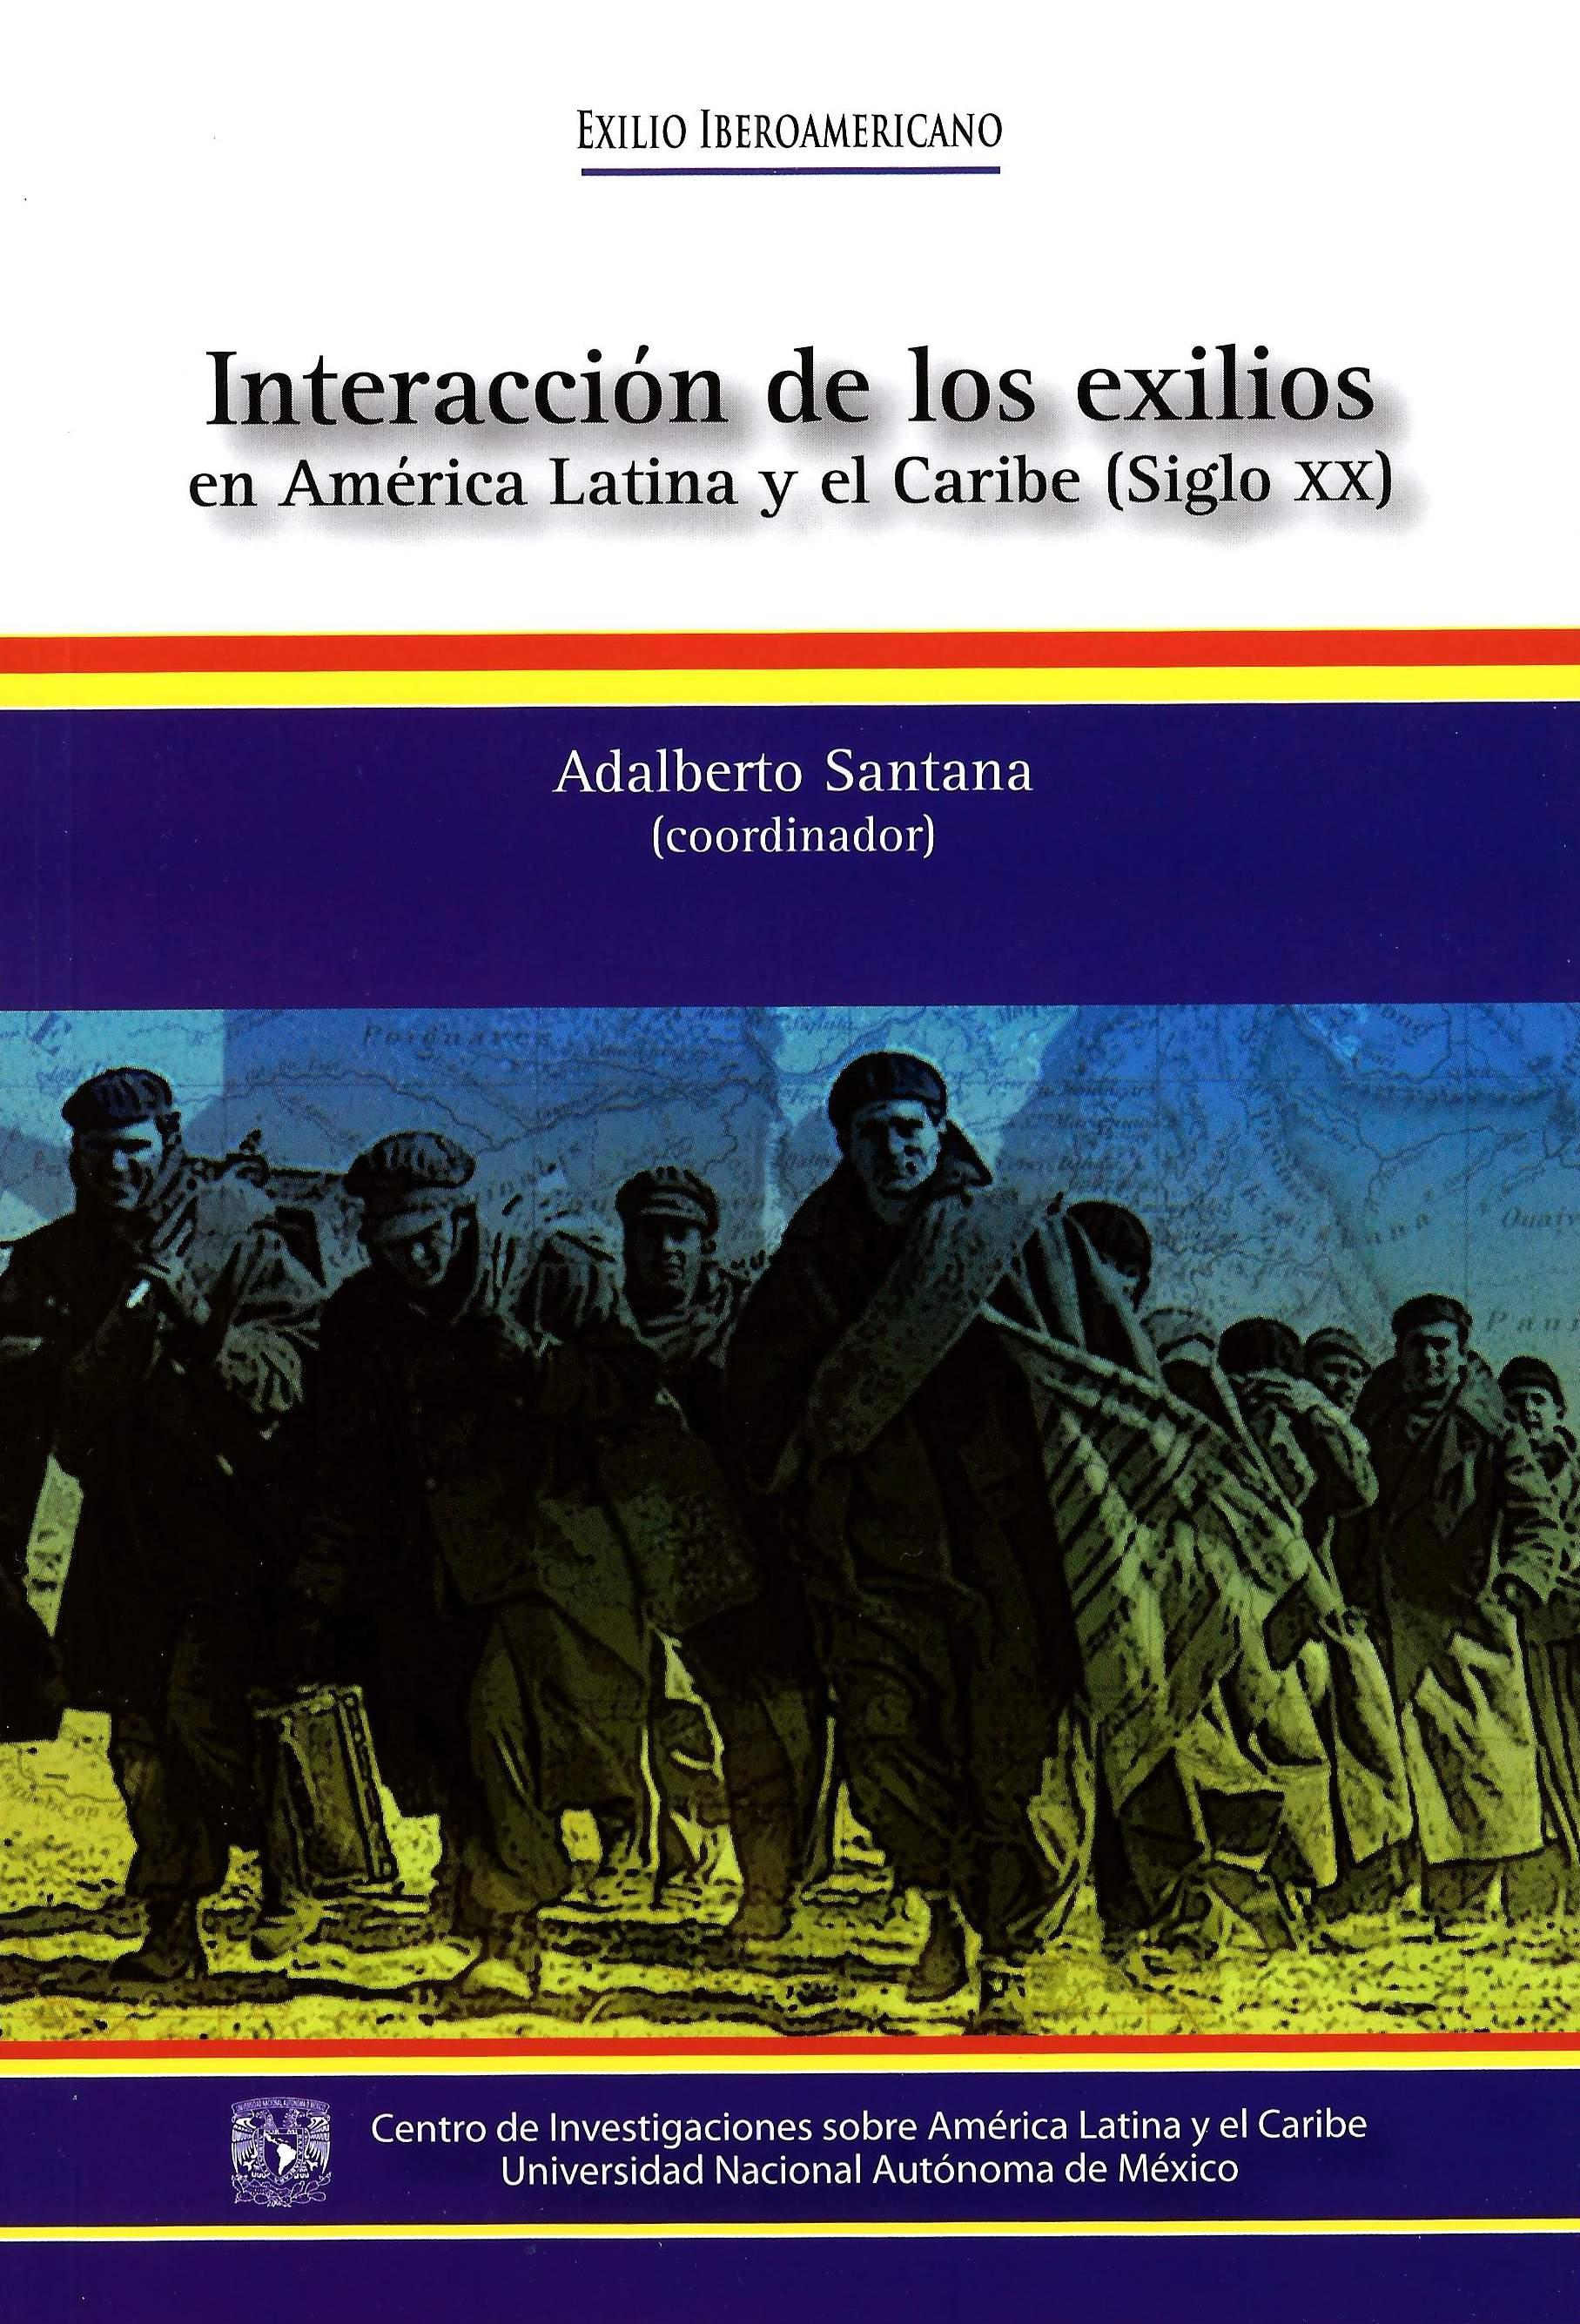 Interacción de los exilios en América Latina y el Caribe (siglo XX)